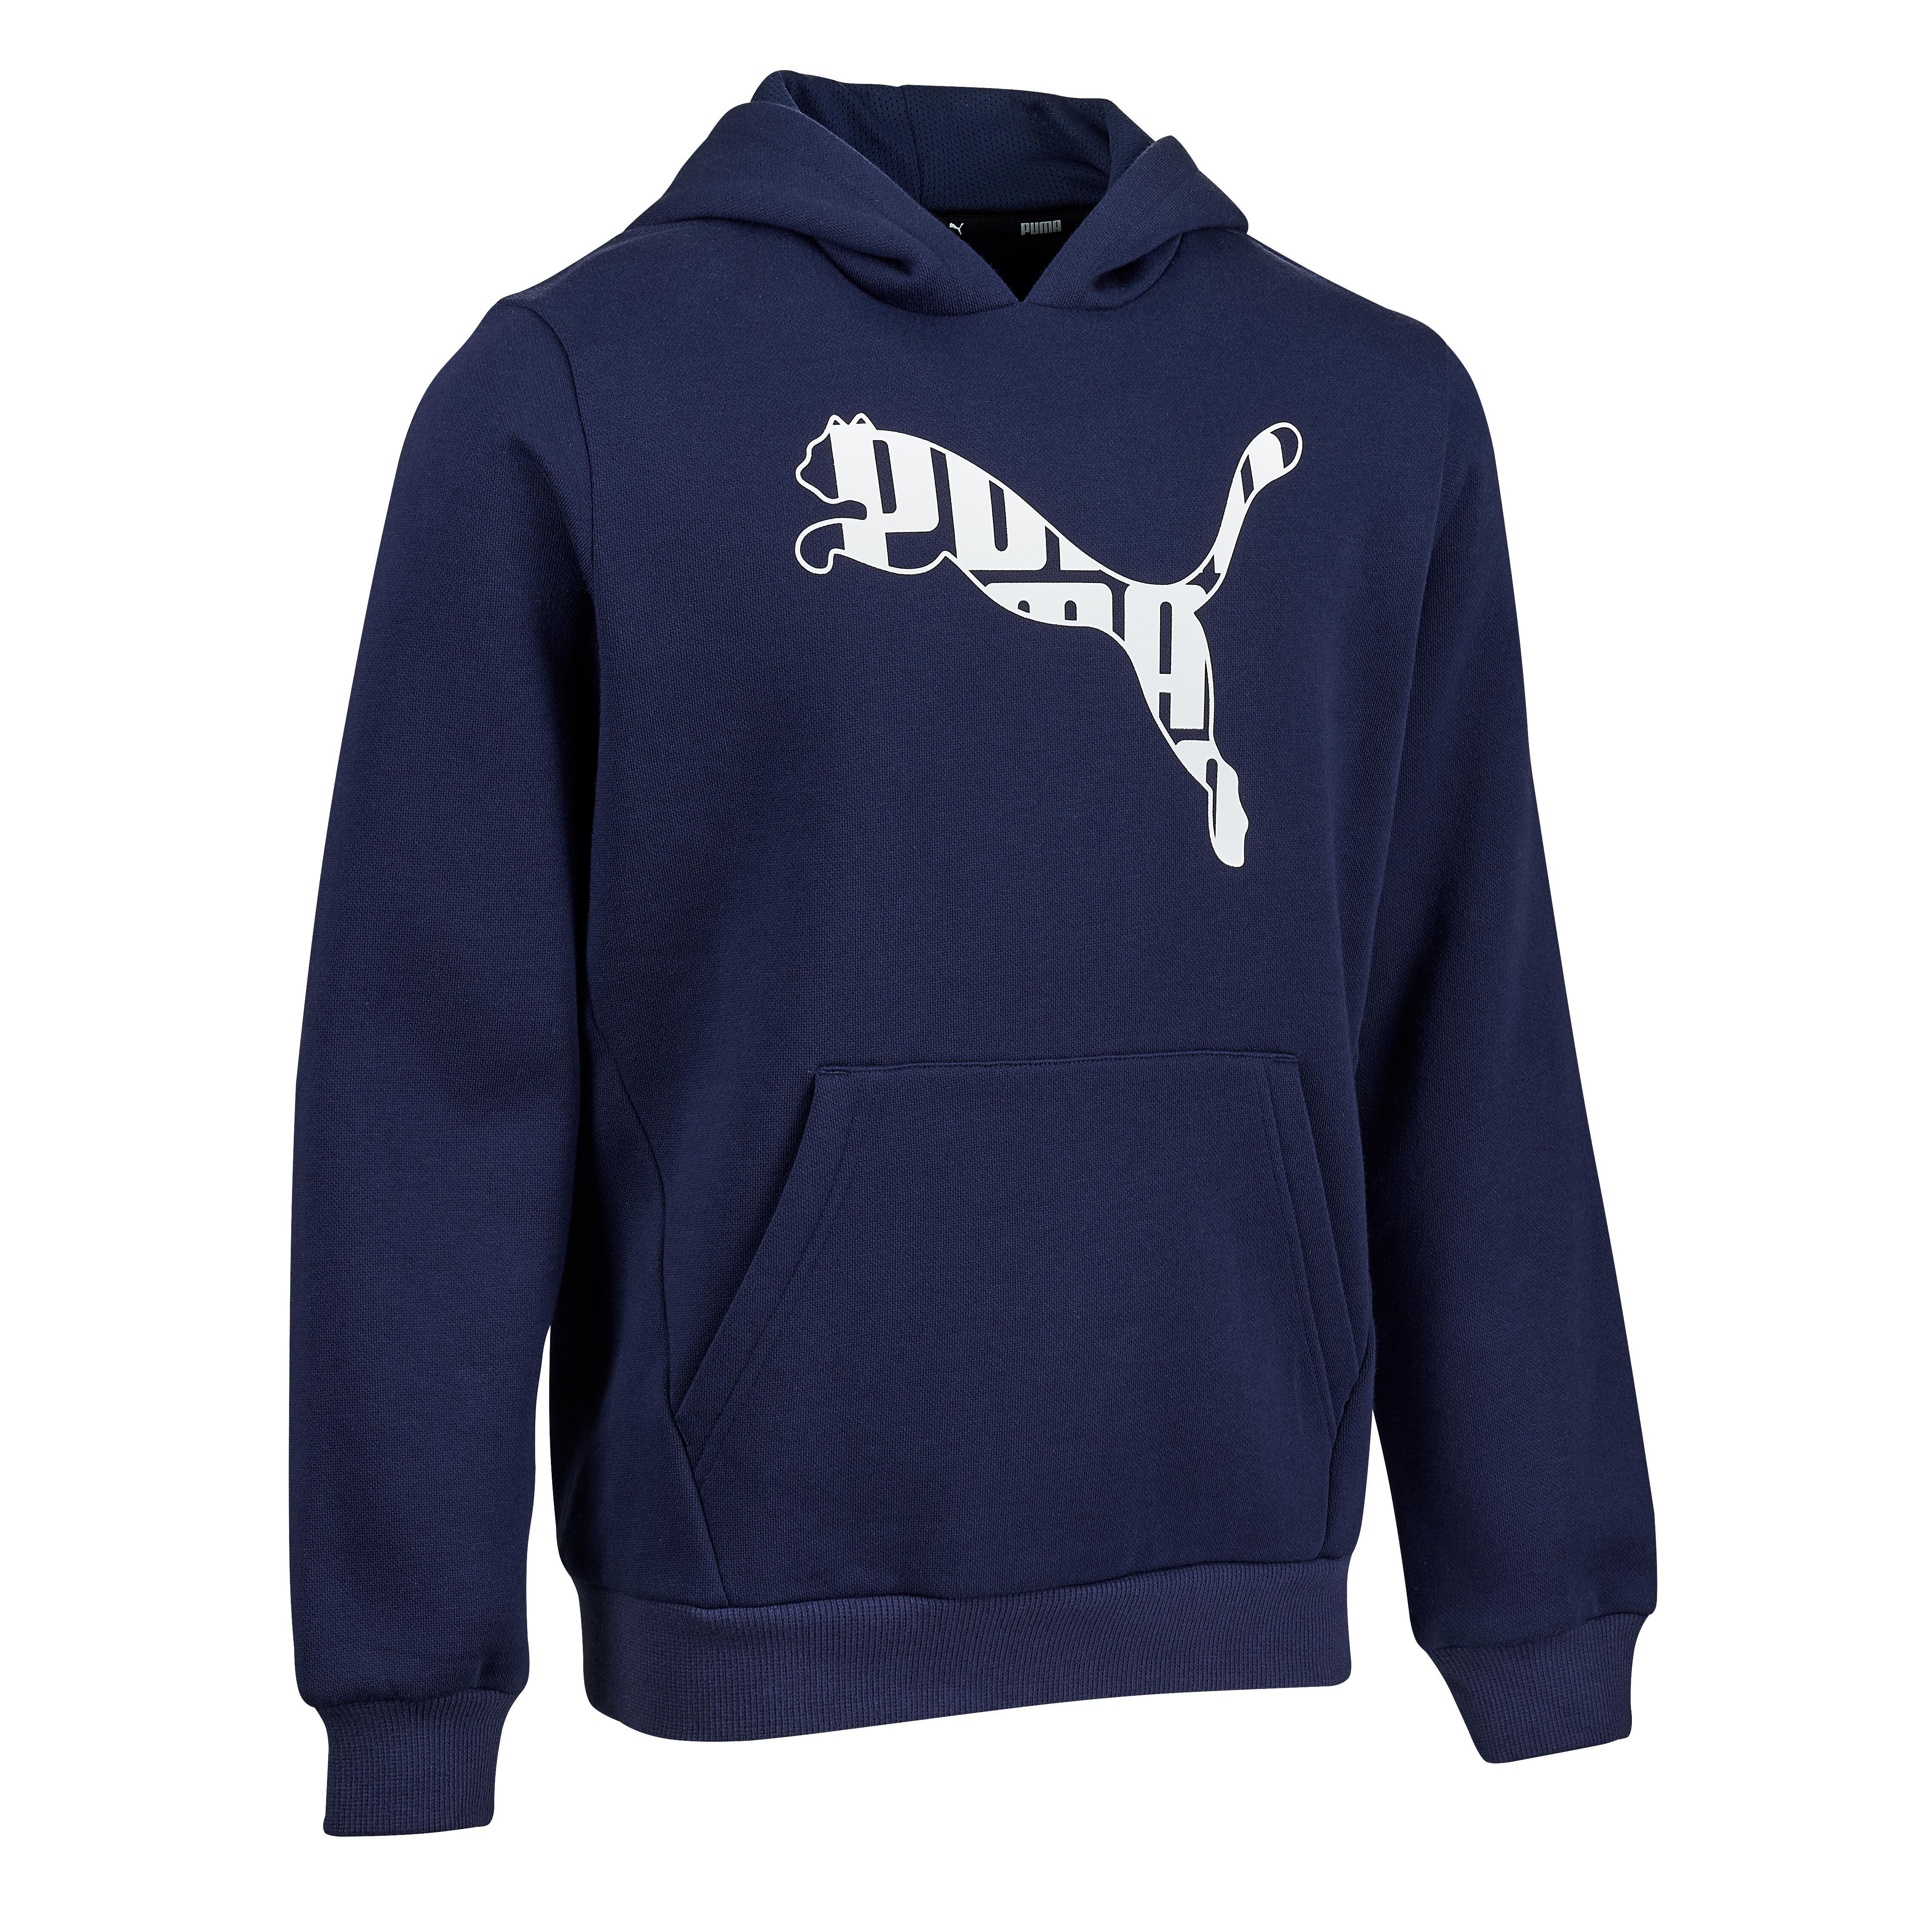 Kapuzenpullover Puma Kinder marineblau mit Print